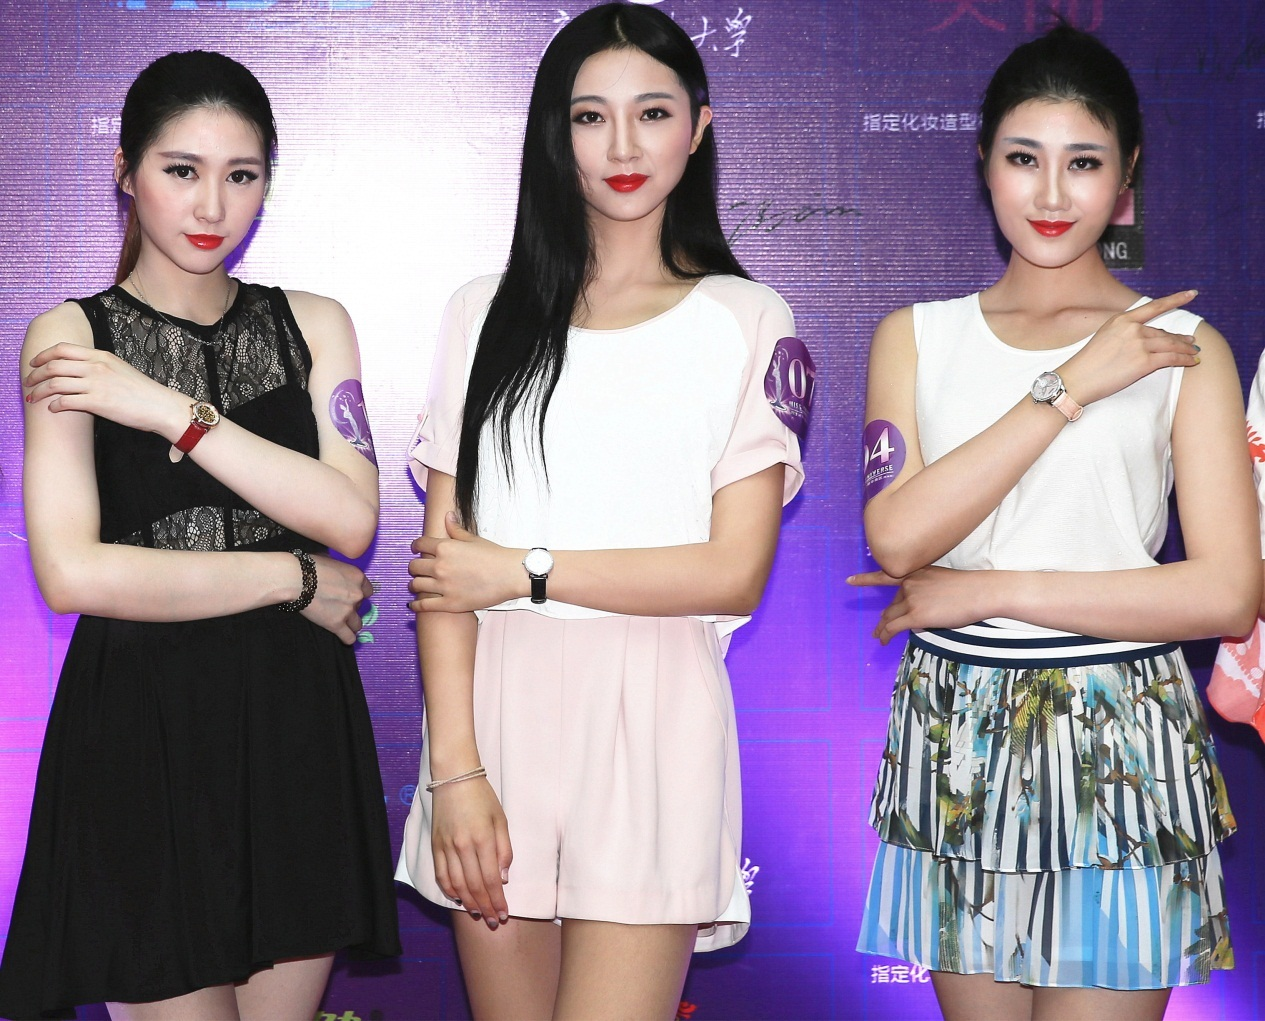 荣耀赞助2015年环球小姐中国大赛